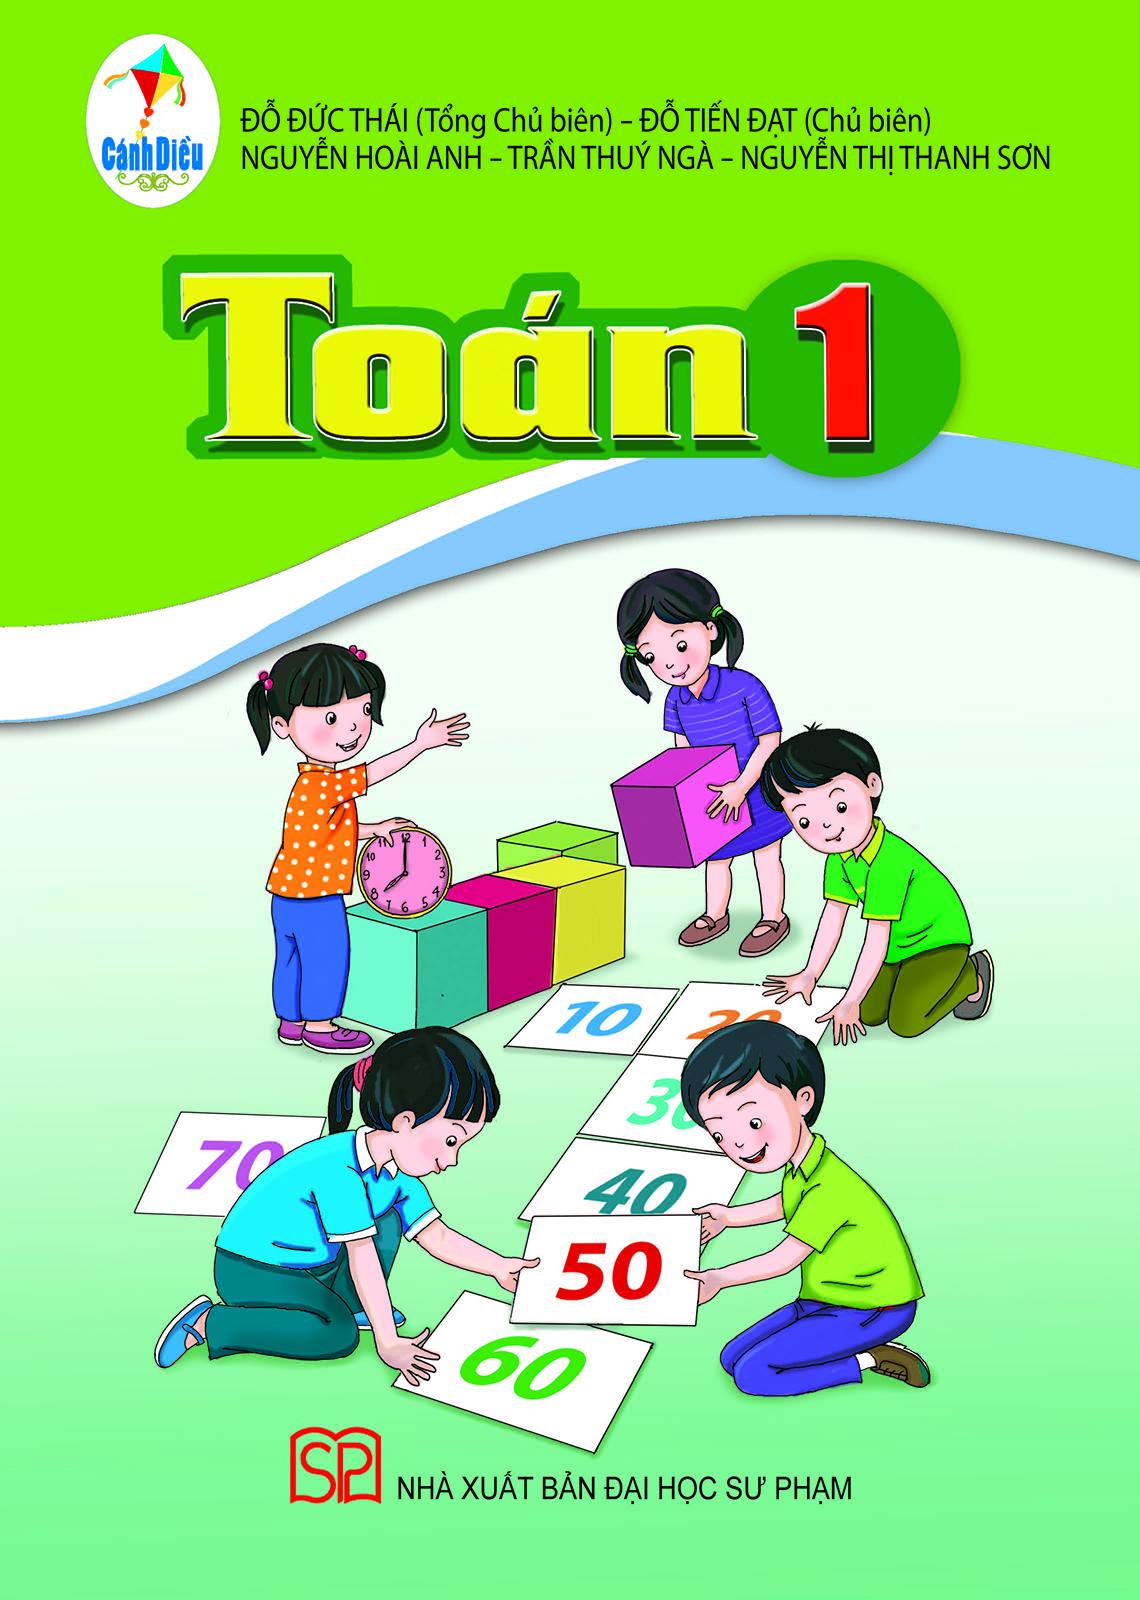 Toán - Lớp 1 -Bài Ôn tập phép cộng trừ phạm vi 100 - Tuần 34 - Trường tiểu học Tân Lập - Mộc Hóa - Long An